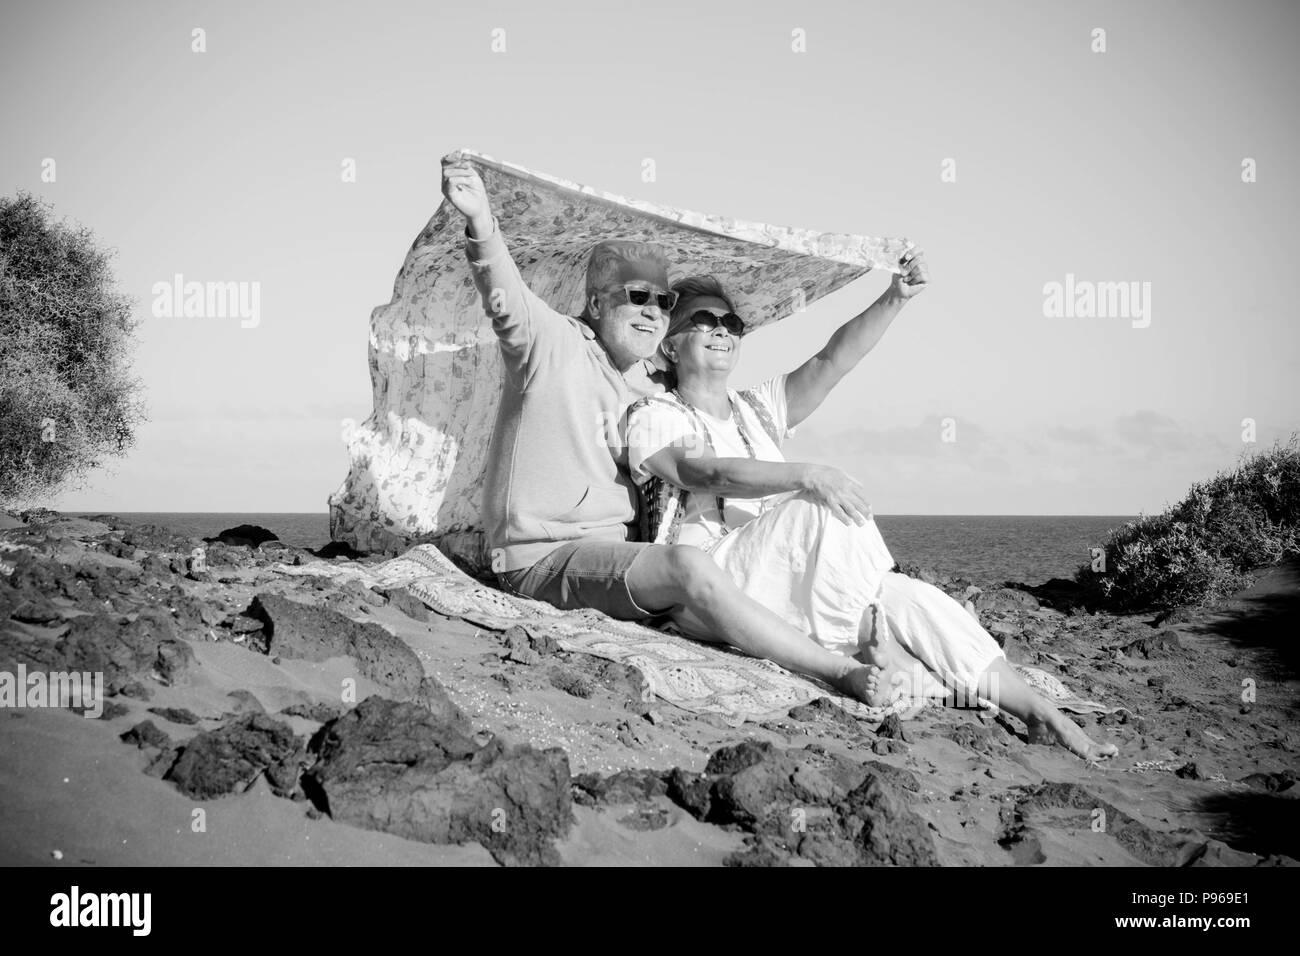 Paio di senior caucasica stile hippy e vita resto sulla spiaggia rocciosa a  Tenerife. i cf09fd5fe637